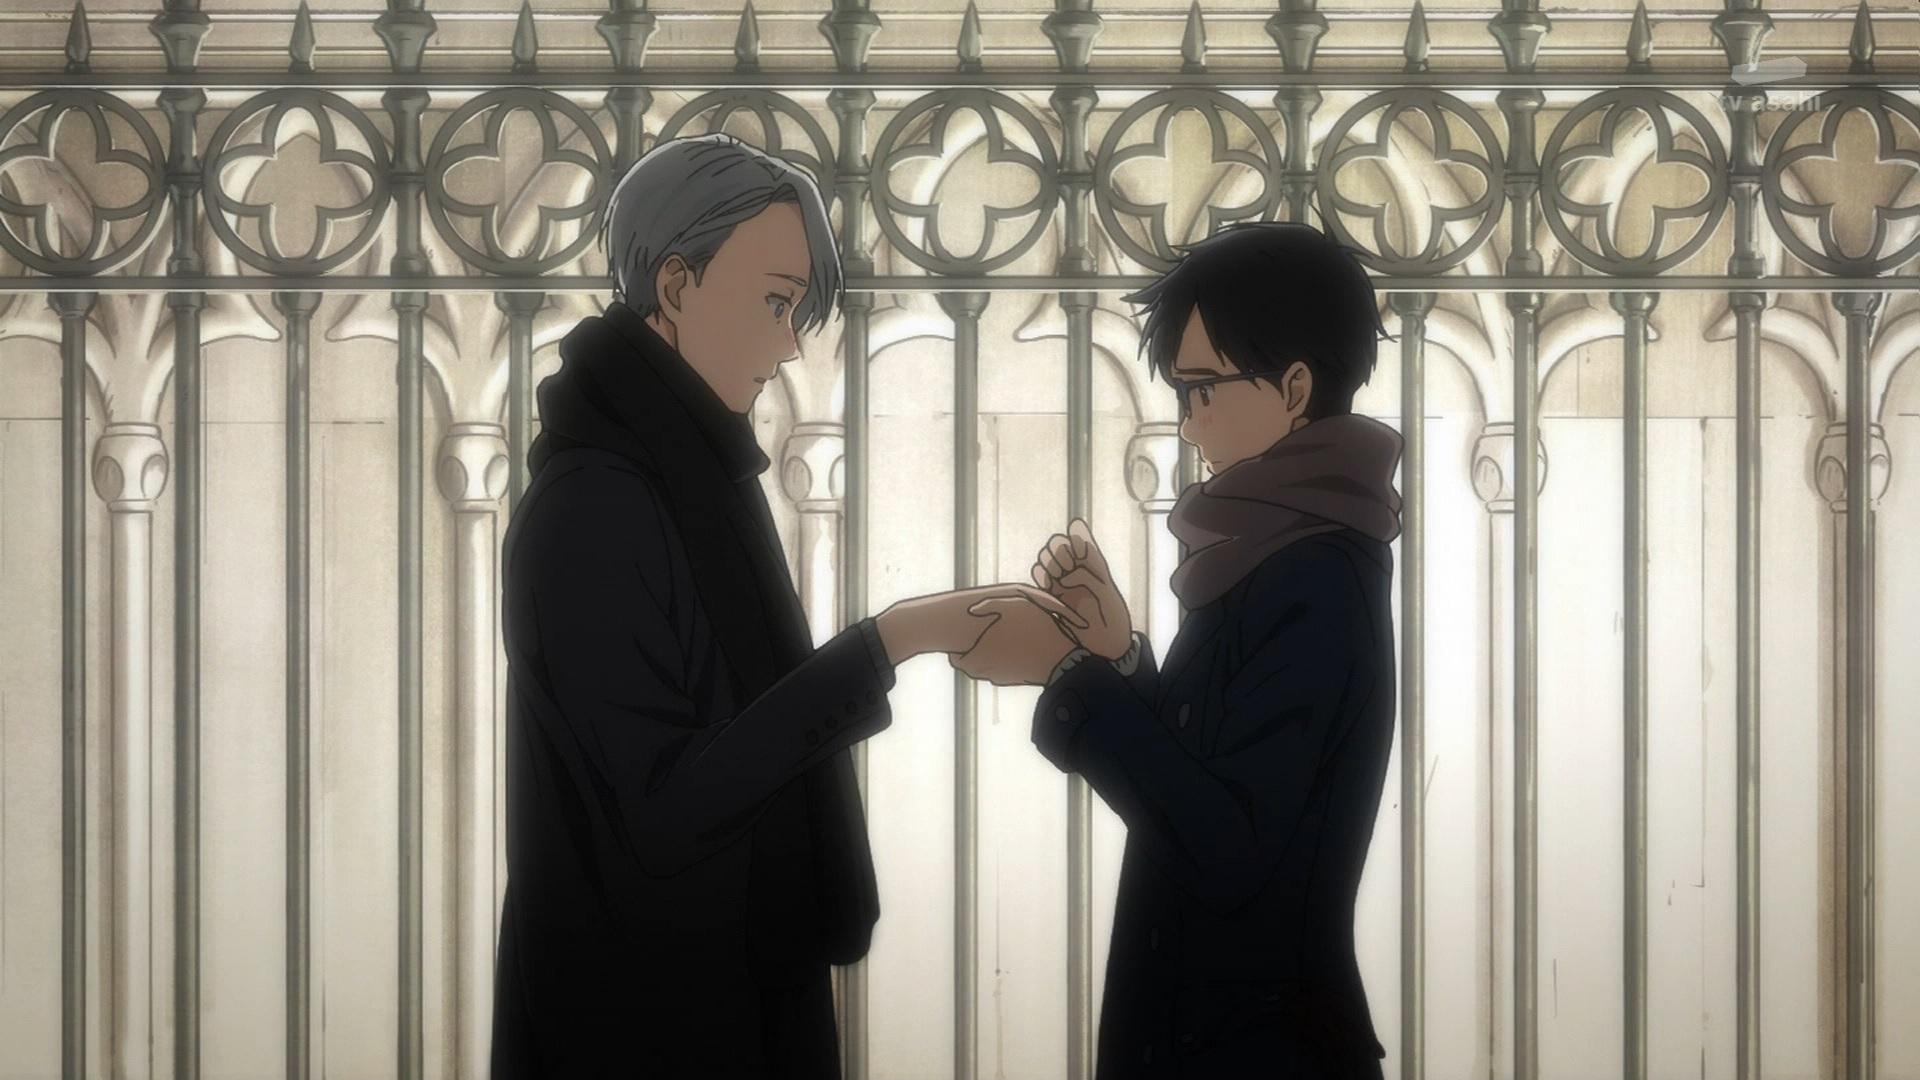 ヴィク勇の結婚式(第10話画像)